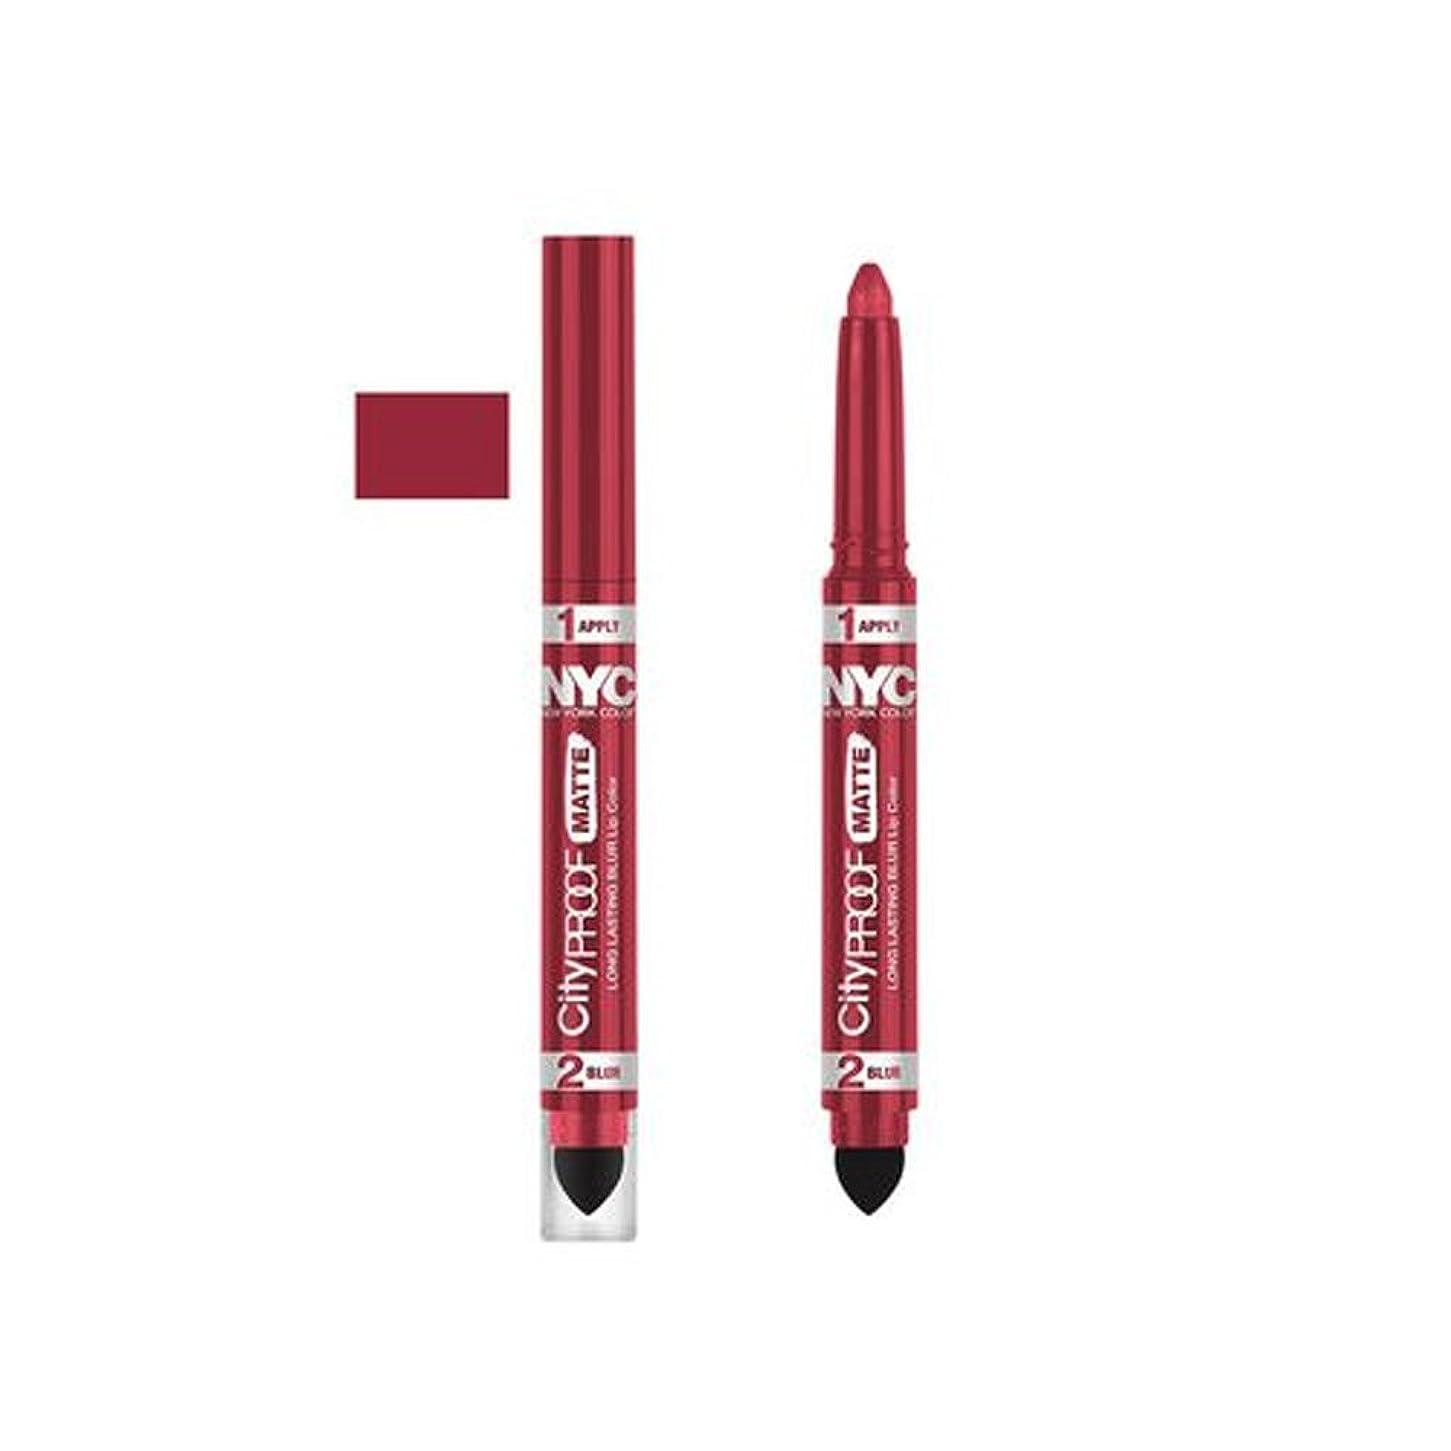 スイッチ移住する目に見える(3 Pack) NYC City Proof Matte Blur Lip Color - Red High Line (並行輸入品)